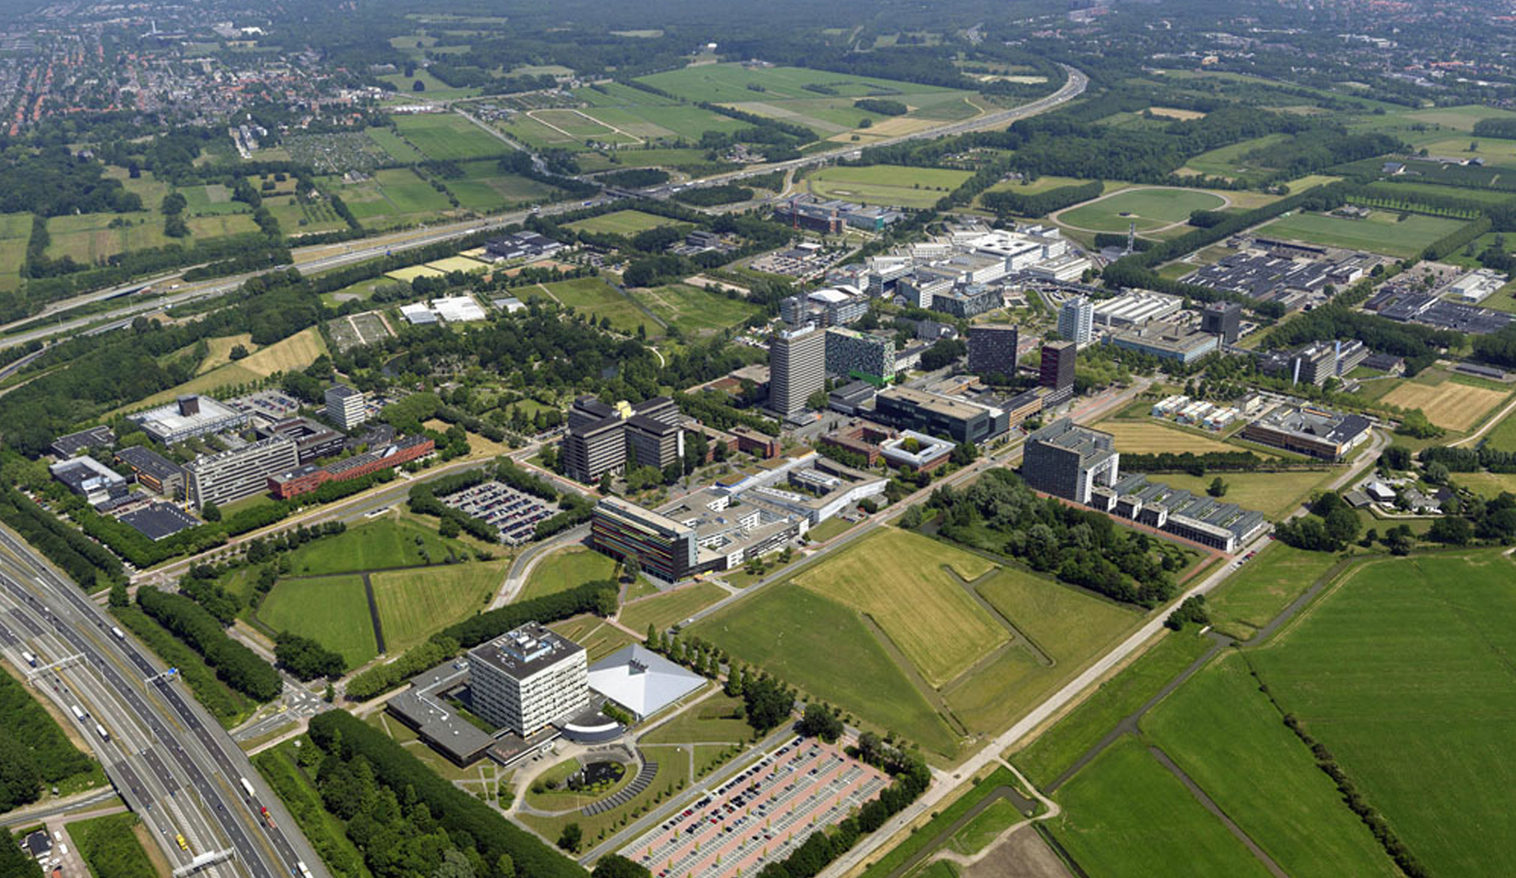 05 OPLarchitecten_Hubrecht Institute De Uithof 1516×878-72dpi